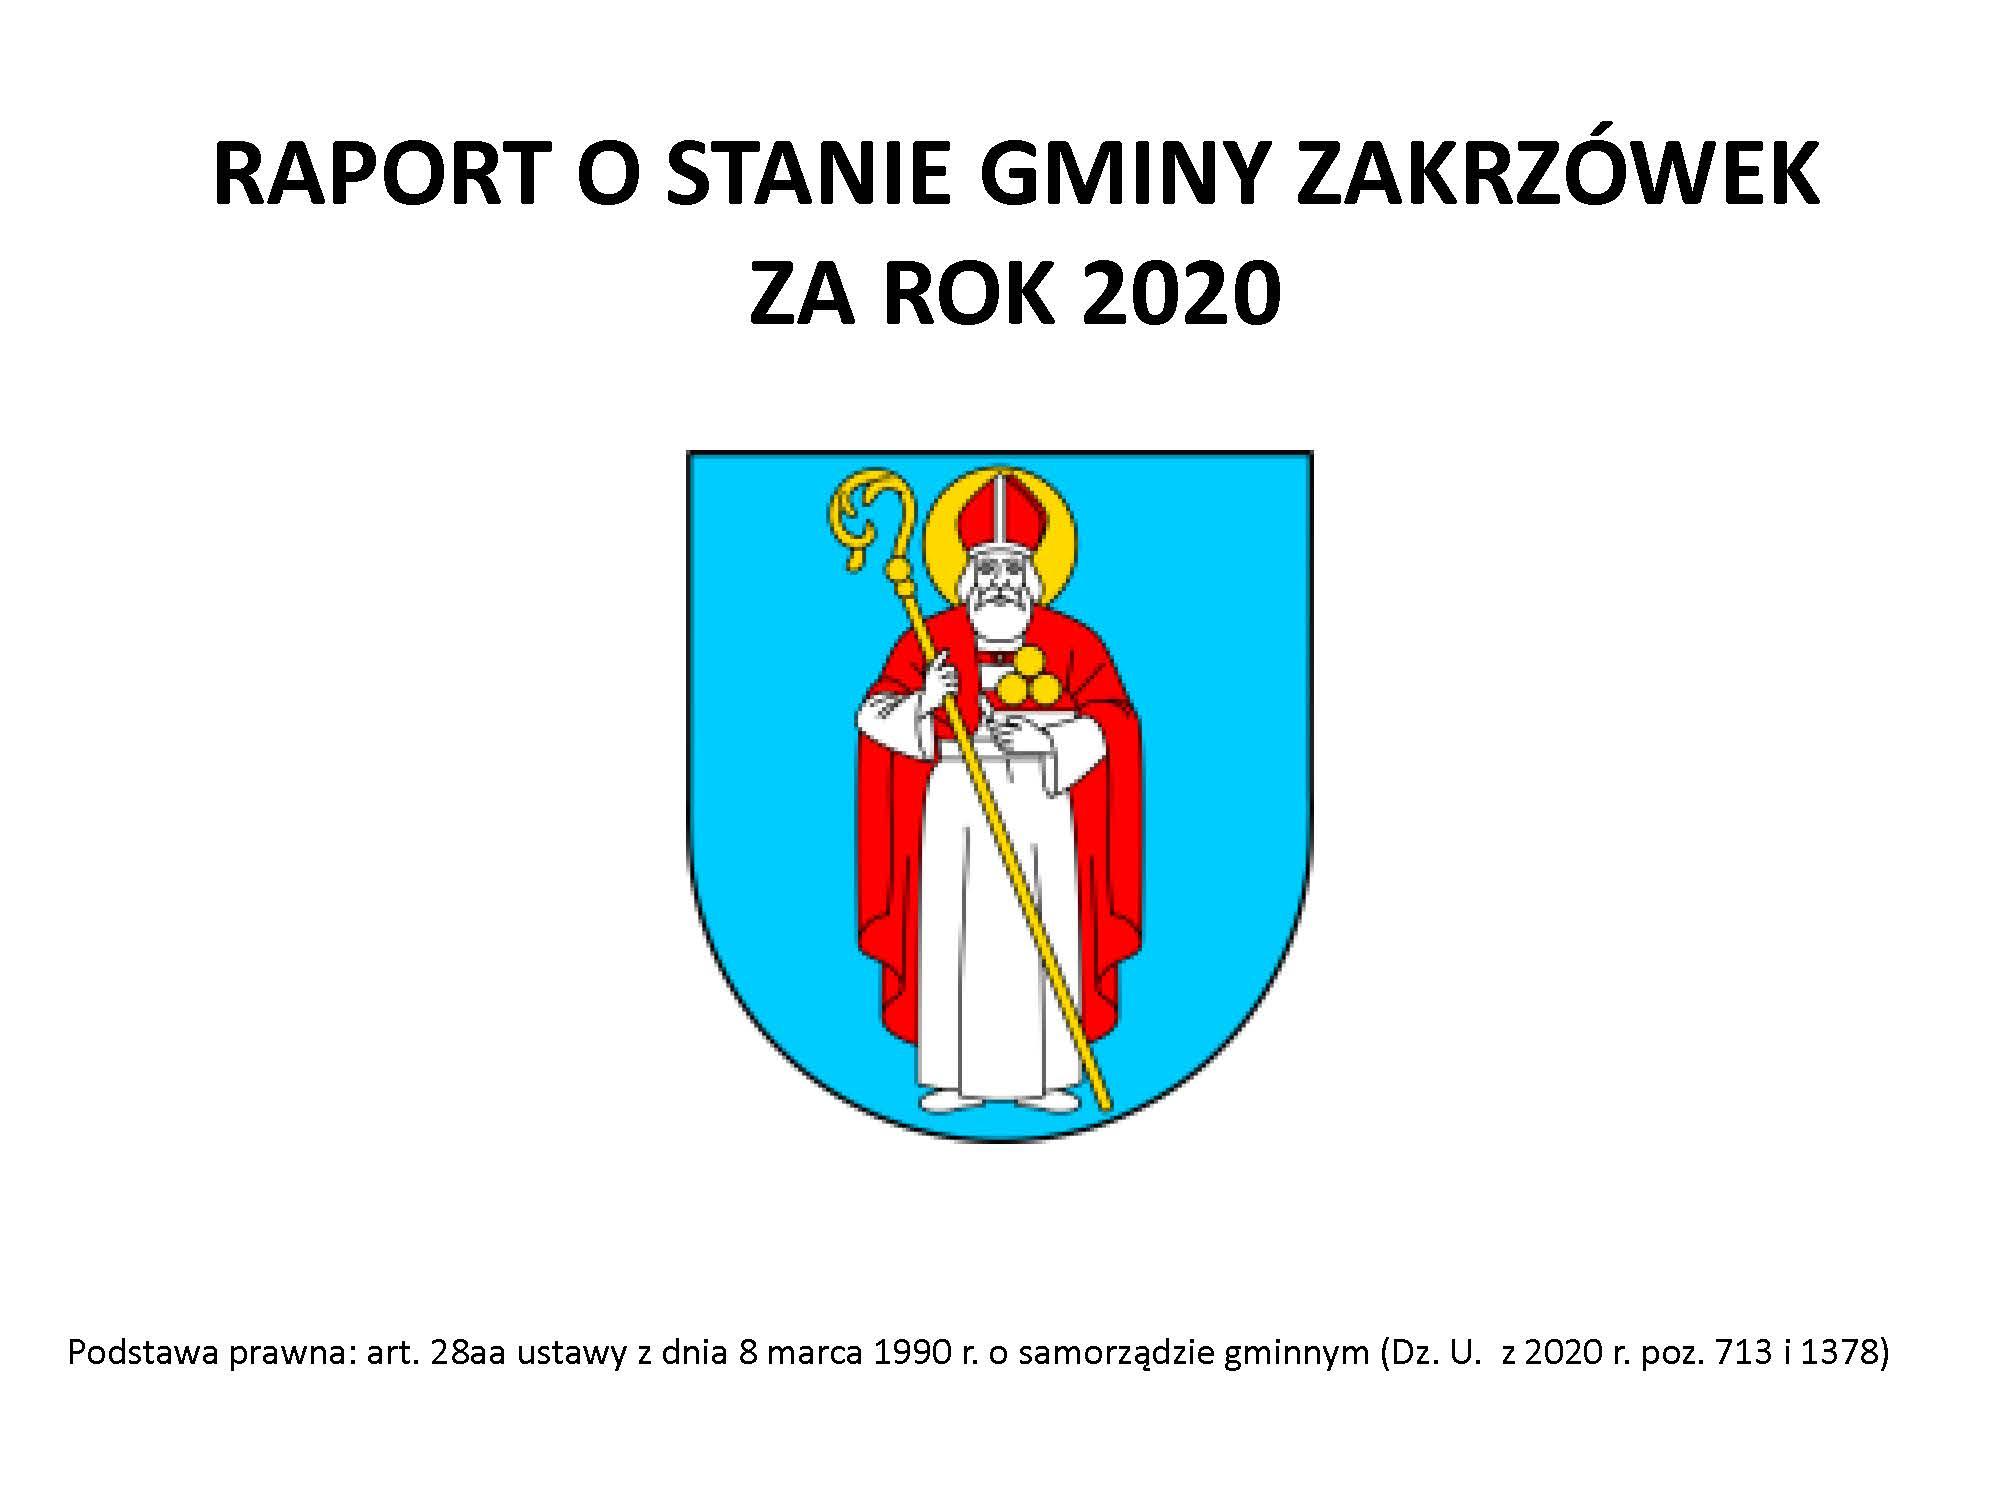 Raport o stanie Gminy Zakrzówek za rok 2020